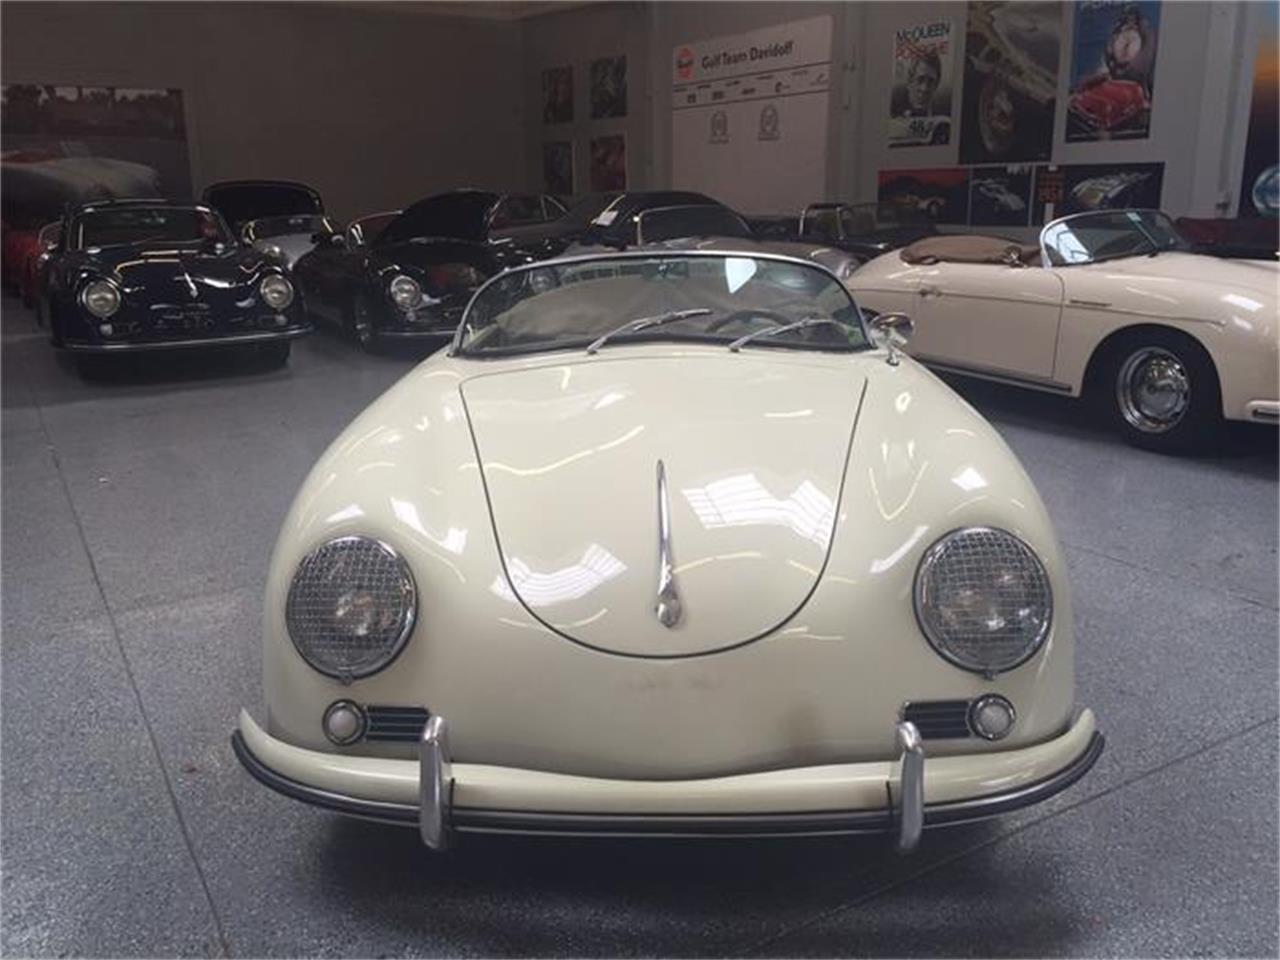 Large Picture of Classic '57 Porsche 356 Replica - $34,950.00 - G7MI